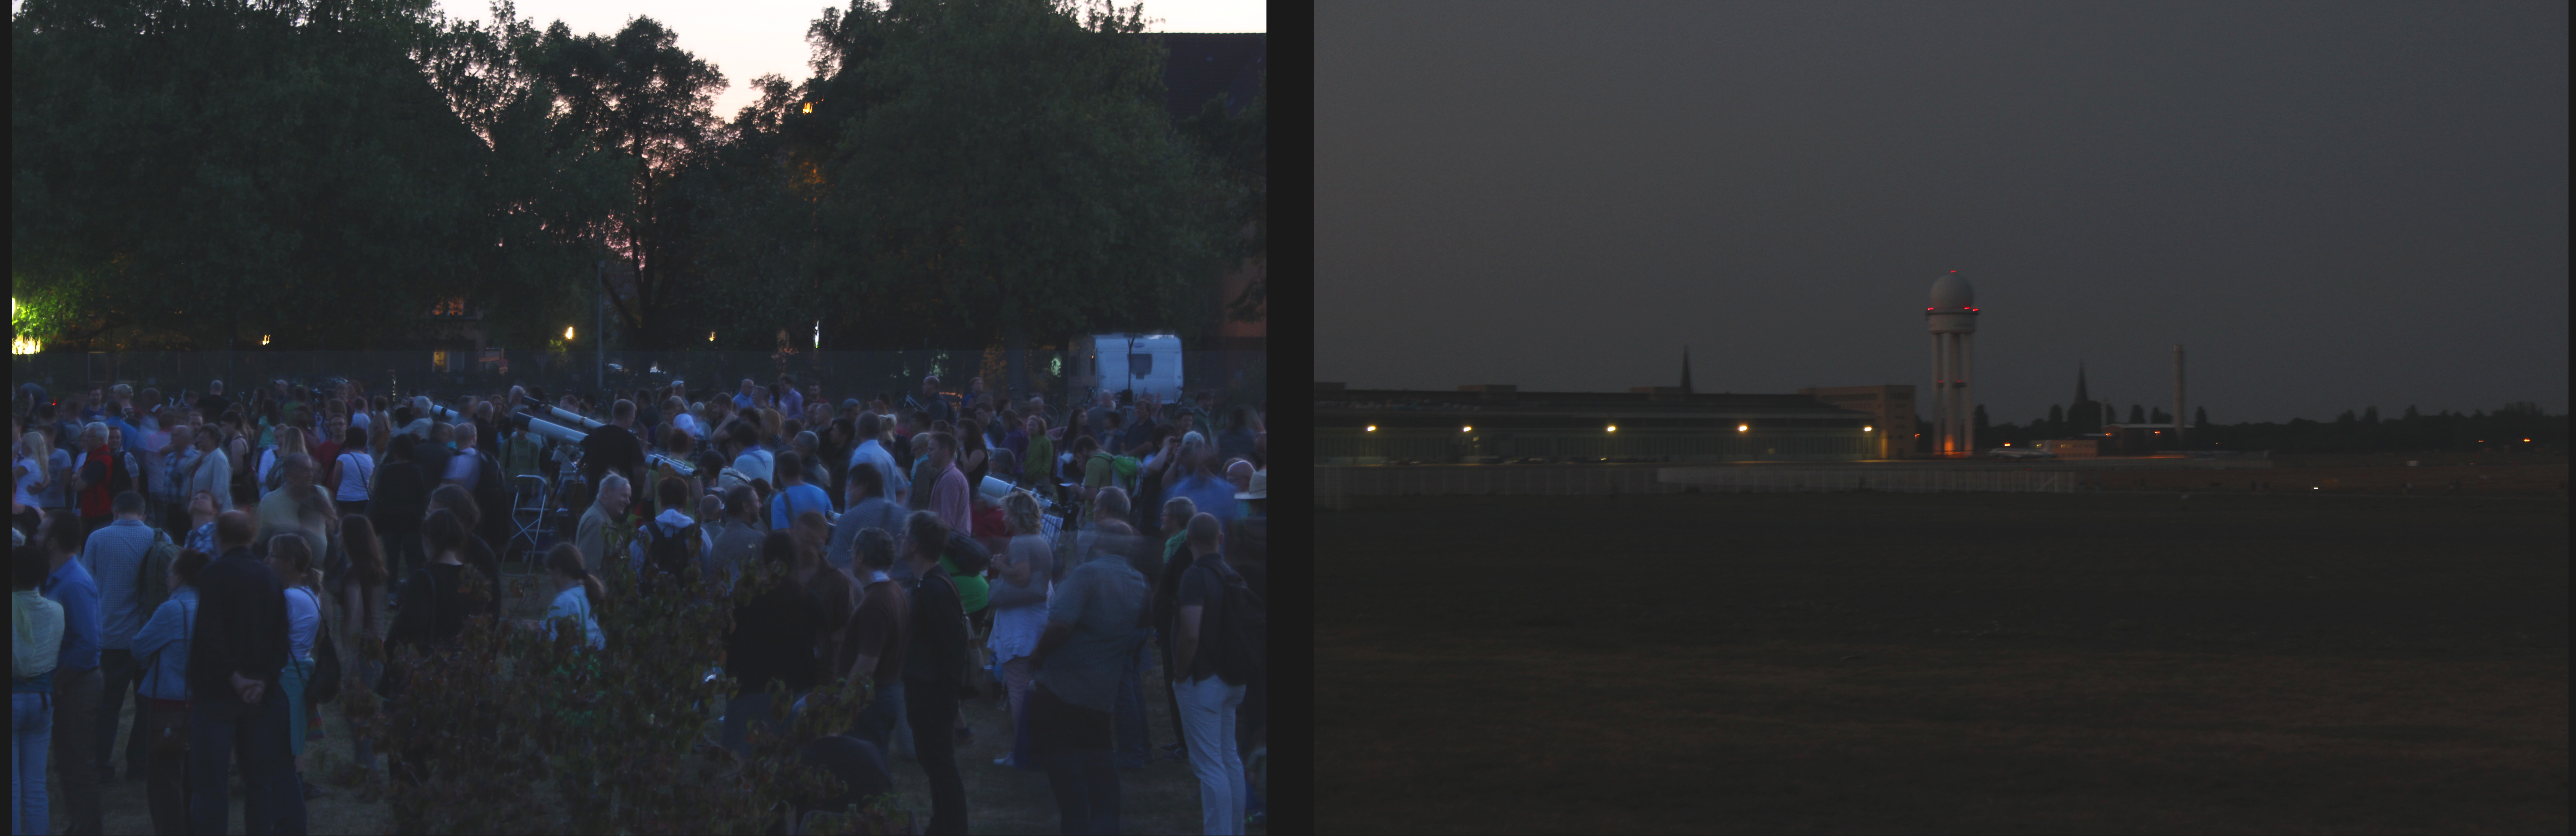 zwei Bilder im Dunkeln: links die gut gefüllte Astronomenwiese, rechts das bereits leere Tempelhofer Feld